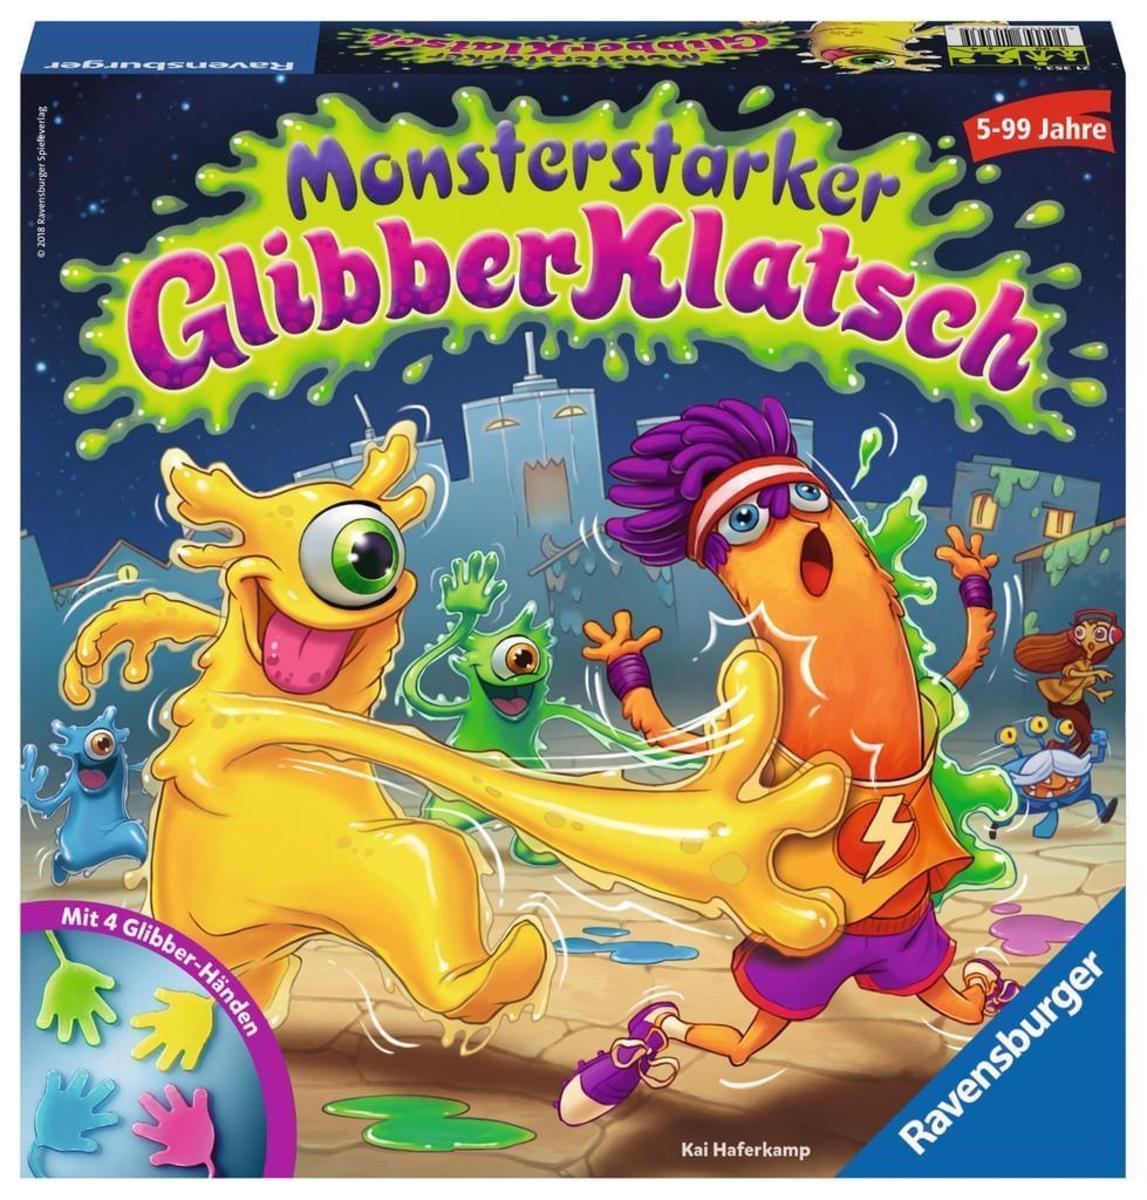 Bild 5 von Ravensburger® Spiele - Monsterstarker Glibber-Klatsch